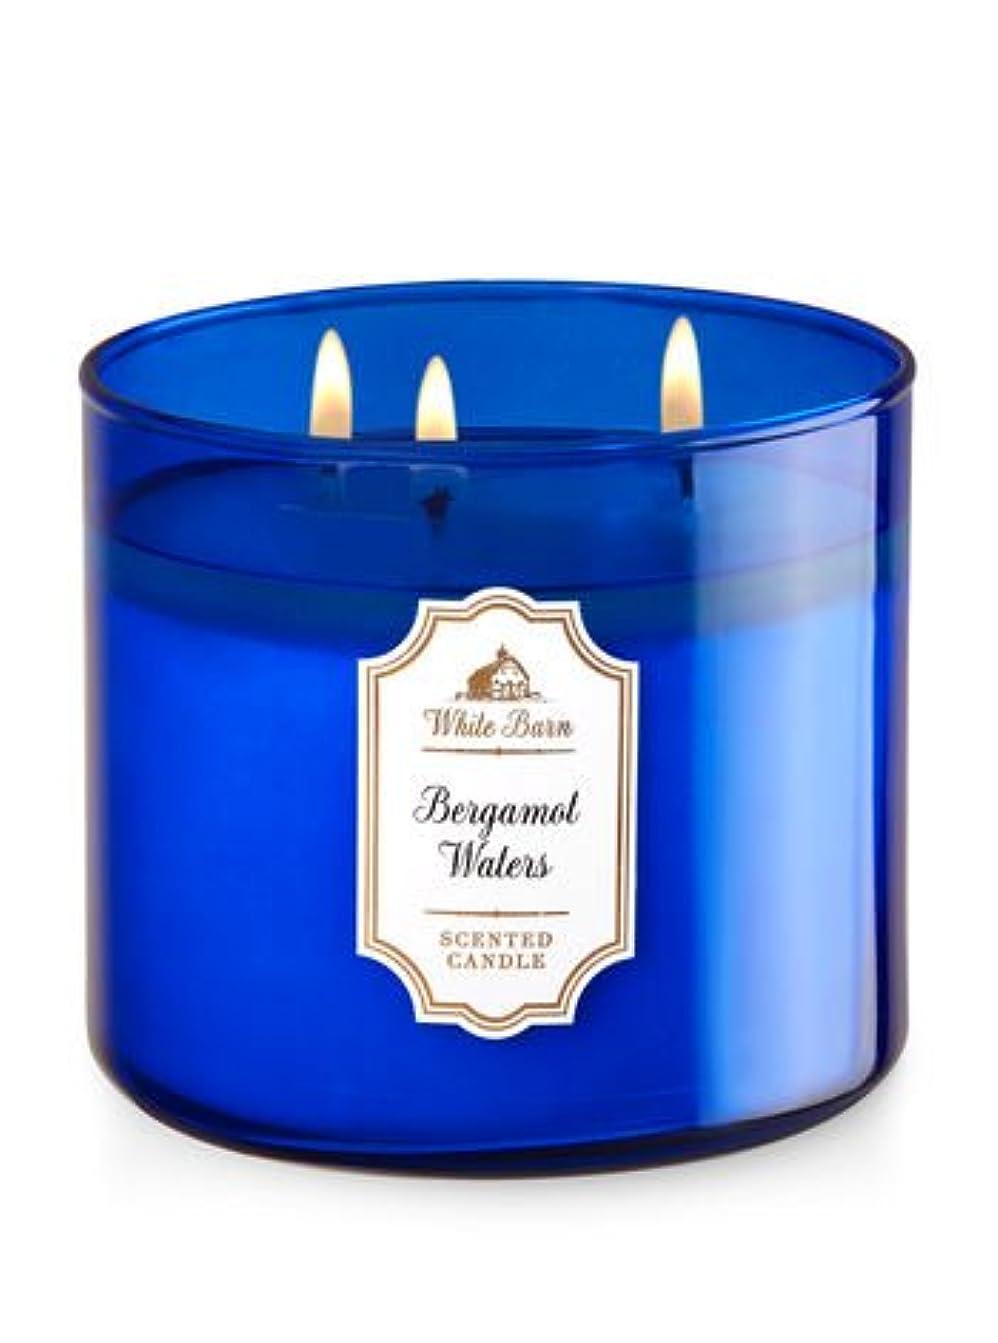 減衰ハーネス薄汚い【Bath&Body Works/バス&ボディワークス】 アロマキャンドル ベルガモットウォーター 3-Wick Scented Candle Bergamot Waters 14.5oz/411g [並行輸入品]